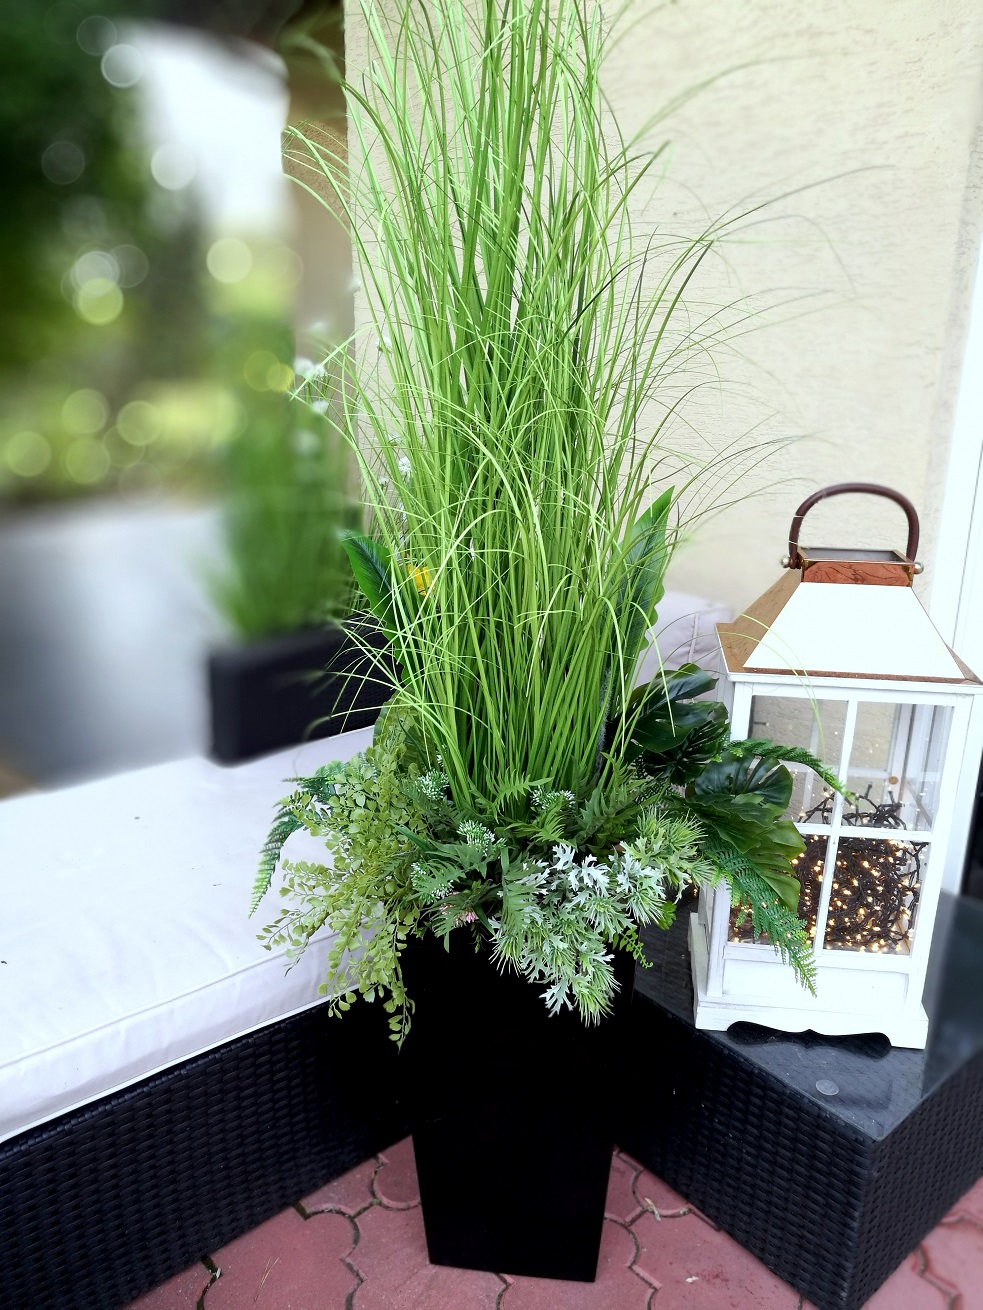 Kompozycja trawa i zioła nr 330